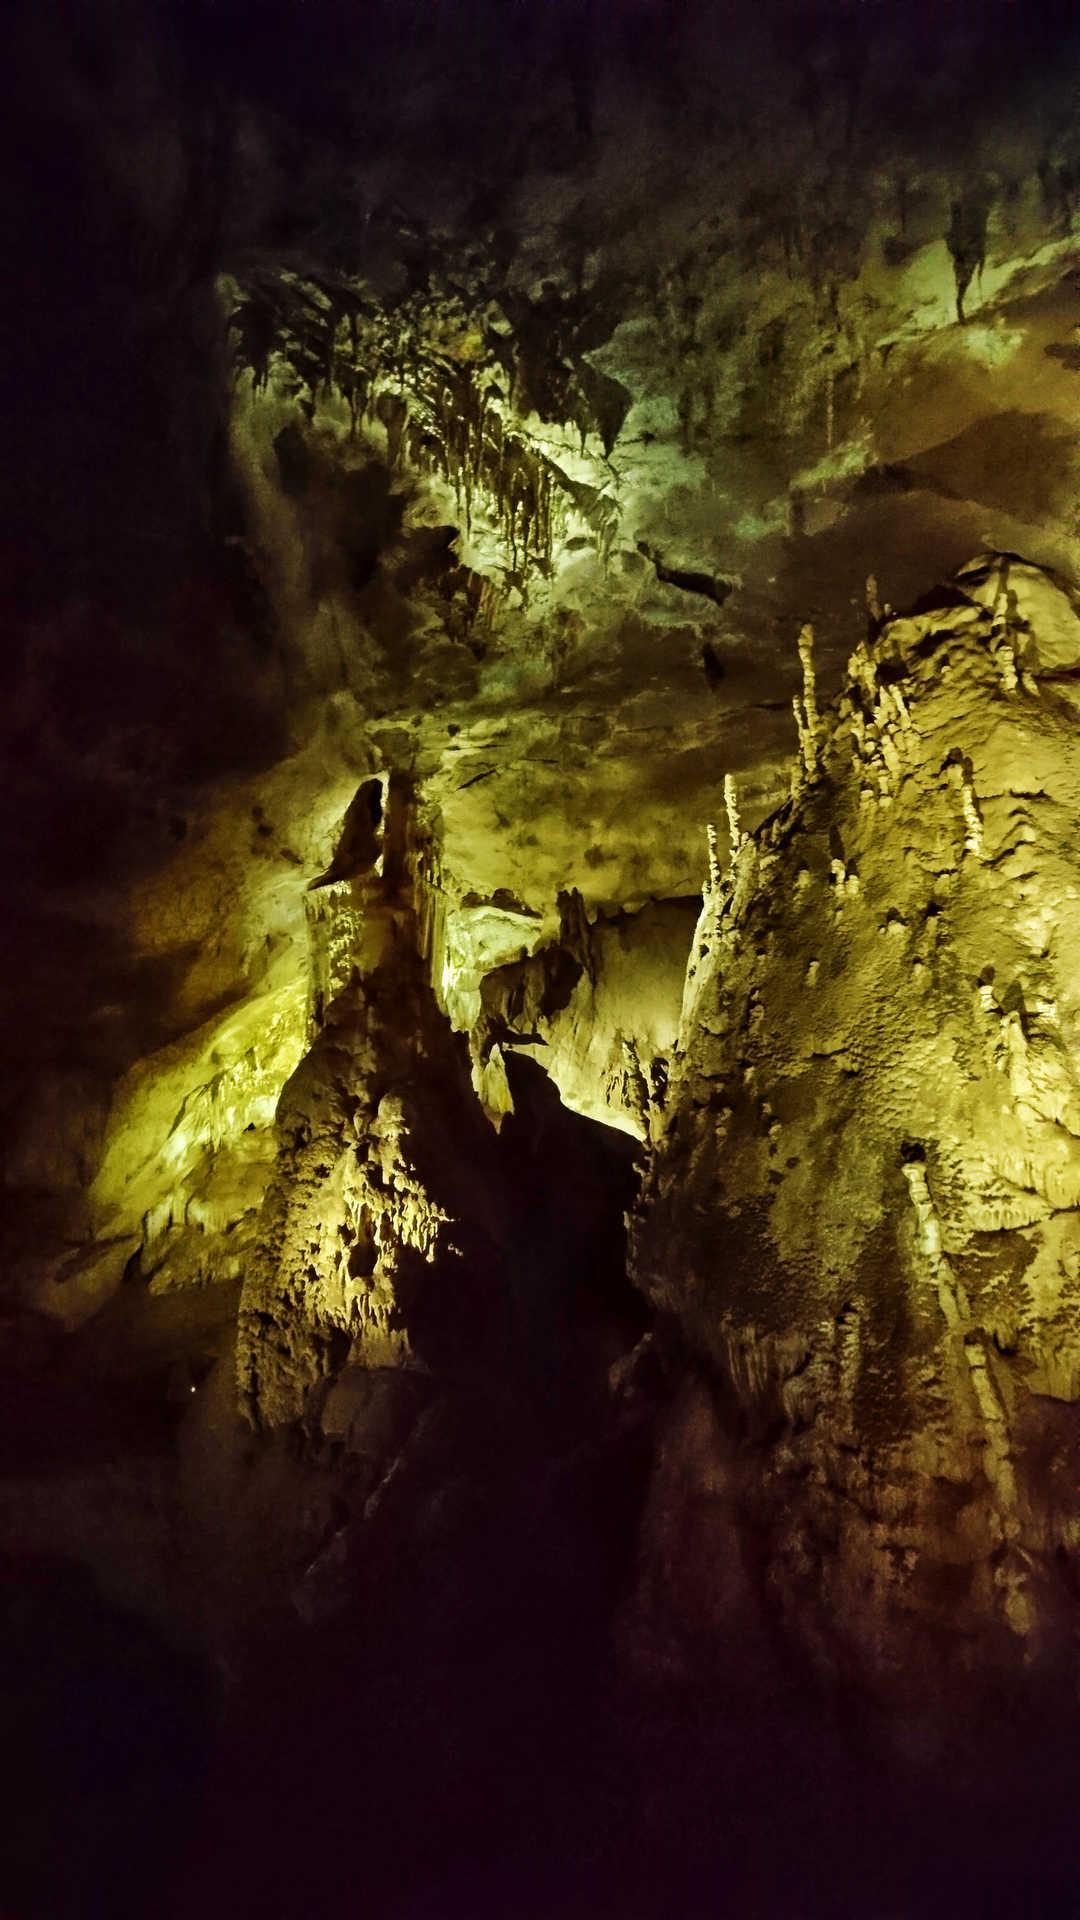 Kutaisi i okolice - jaskinia Prometeusza 7